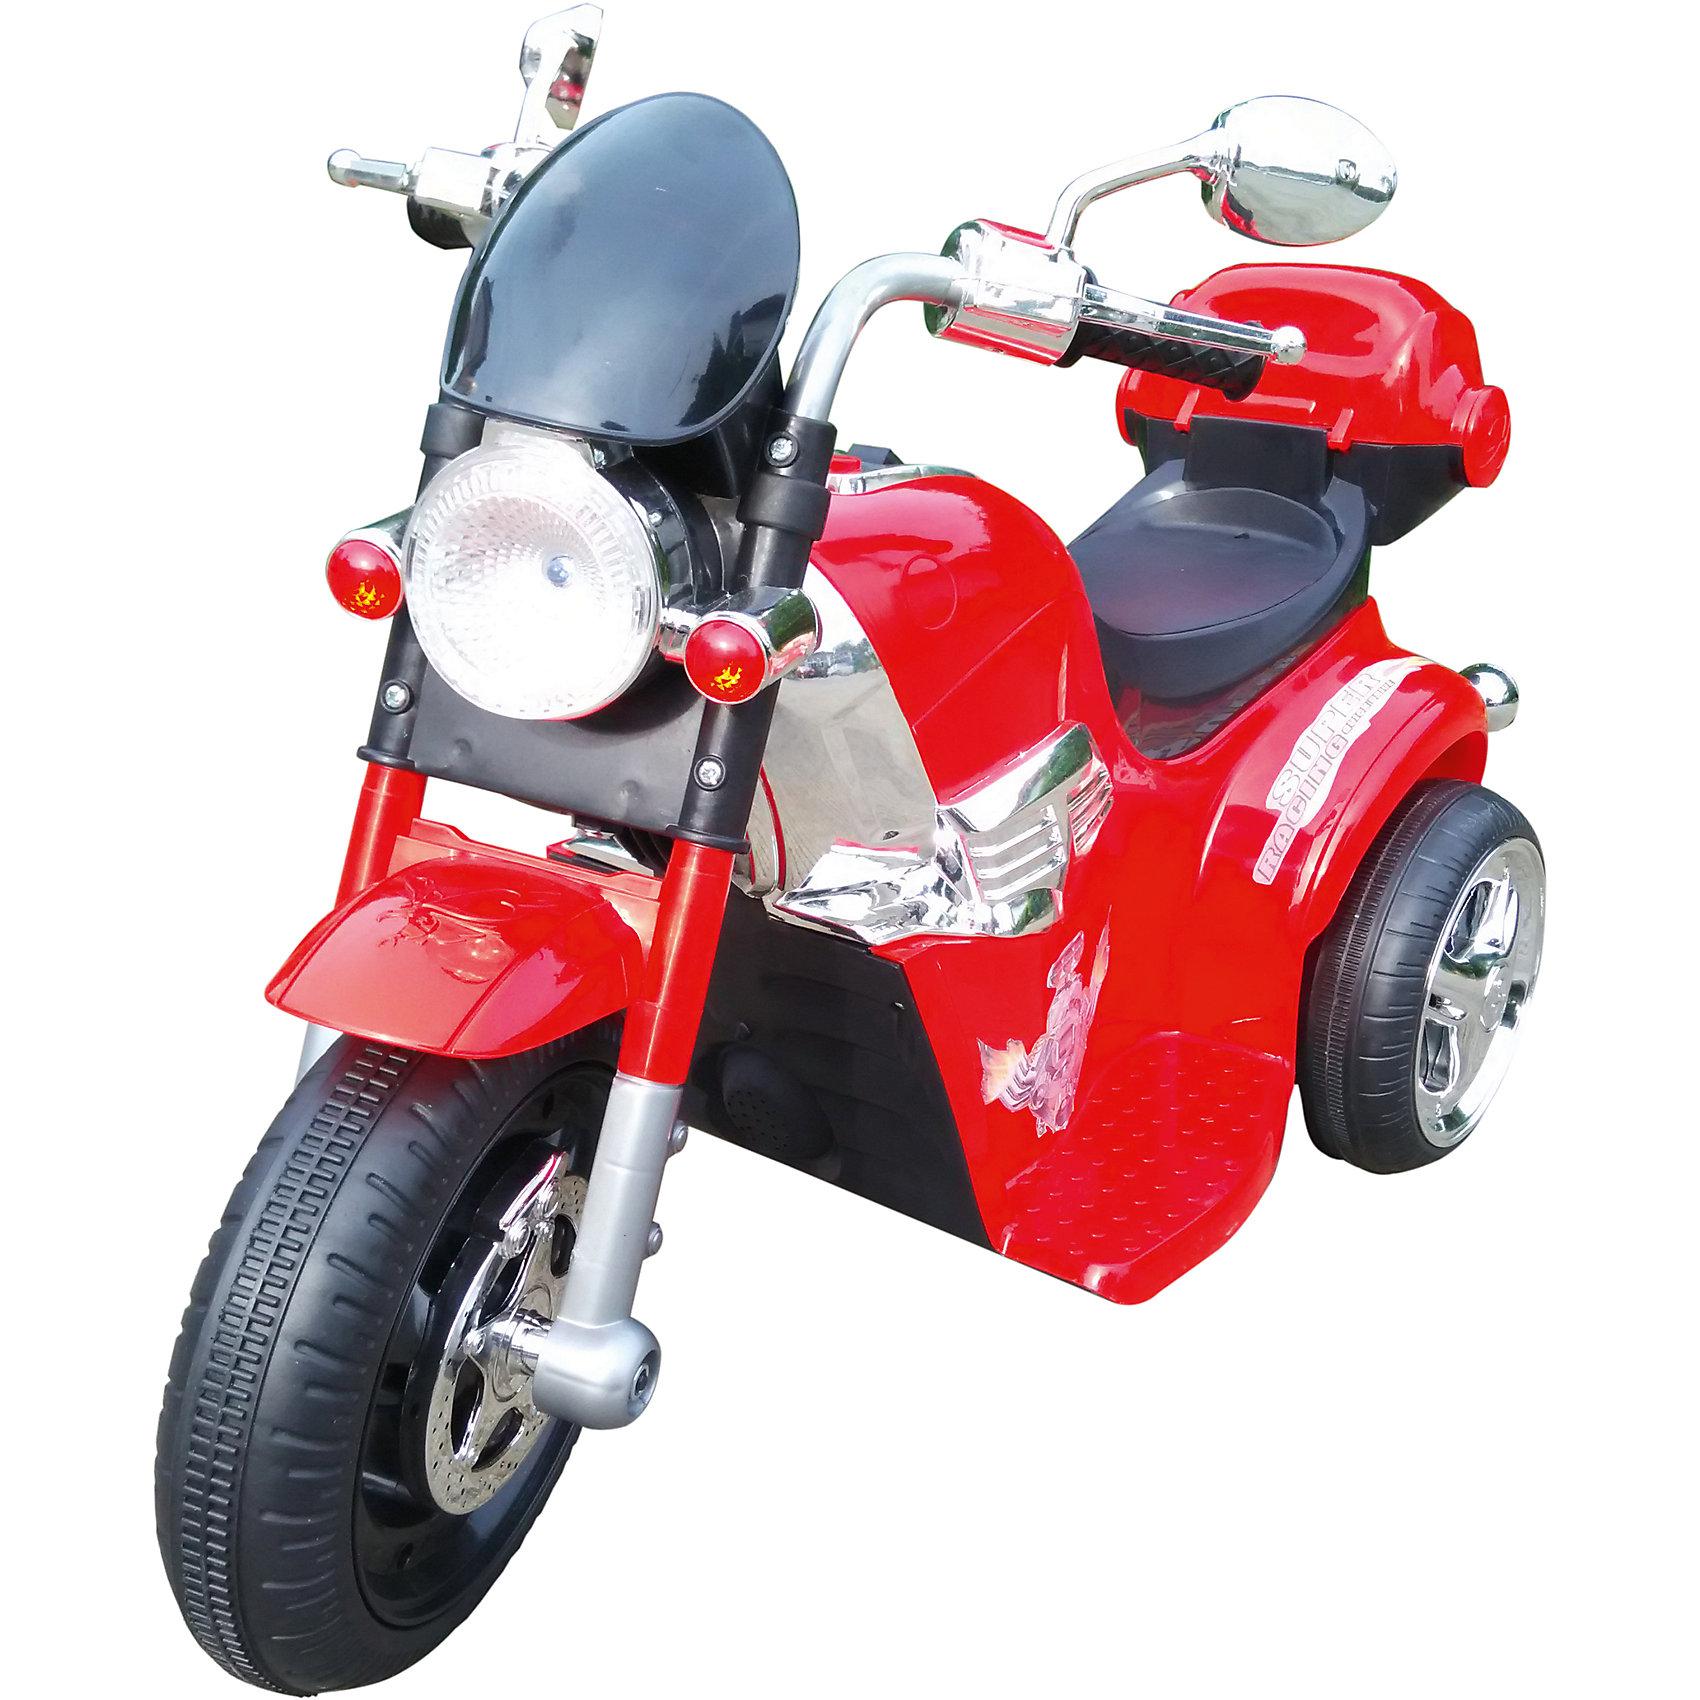 Электромтоцикл Top Gear Junior, 1toyЭлектромобили<br>Детский электрический мотоцикл, 1toy (Ван Той)<br><br>Характеристики:<br><br>• световые и звуковые эффекты<br>• для детей от 3 до 5 лет<br>• размер: 90х43х54 см<br>• колеса: пластик<br>• аккумулятор: 6В/4Ач<br>• мотор: 15 Вт<br>• максимальная нагрузка: 30 кг<br>• размер упаковки: 34х31х59 см<br>• вес: 6,1 кг<br><br>Электромобиль станет первым транспортом юного гонщика. Мотоцикл предназначен для детей от 3 до 5 лет, весом до 30 килограмм. Колеса электромобиля изготовлены из прочного пластика, который прекрасно справится с любой дорожной поверхностью. Электромобиль оснащен световыми и звуковыми эффектами. Кататься с музыкой и яркими огоньками невероятно весело!<br><br>Детский электрический мотоцикл, 1toy (Ван Той) вы можете купить в нашем интернет-магазине.<br><br>Ширина мм: 590<br>Глубина мм: 310<br>Высота мм: 340<br>Вес г: 6100<br>Возраст от месяцев: 36<br>Возраст до месяцев: 2147483647<br>Пол: Унисекс<br>Возраст: Детский<br>SKU: 5440860